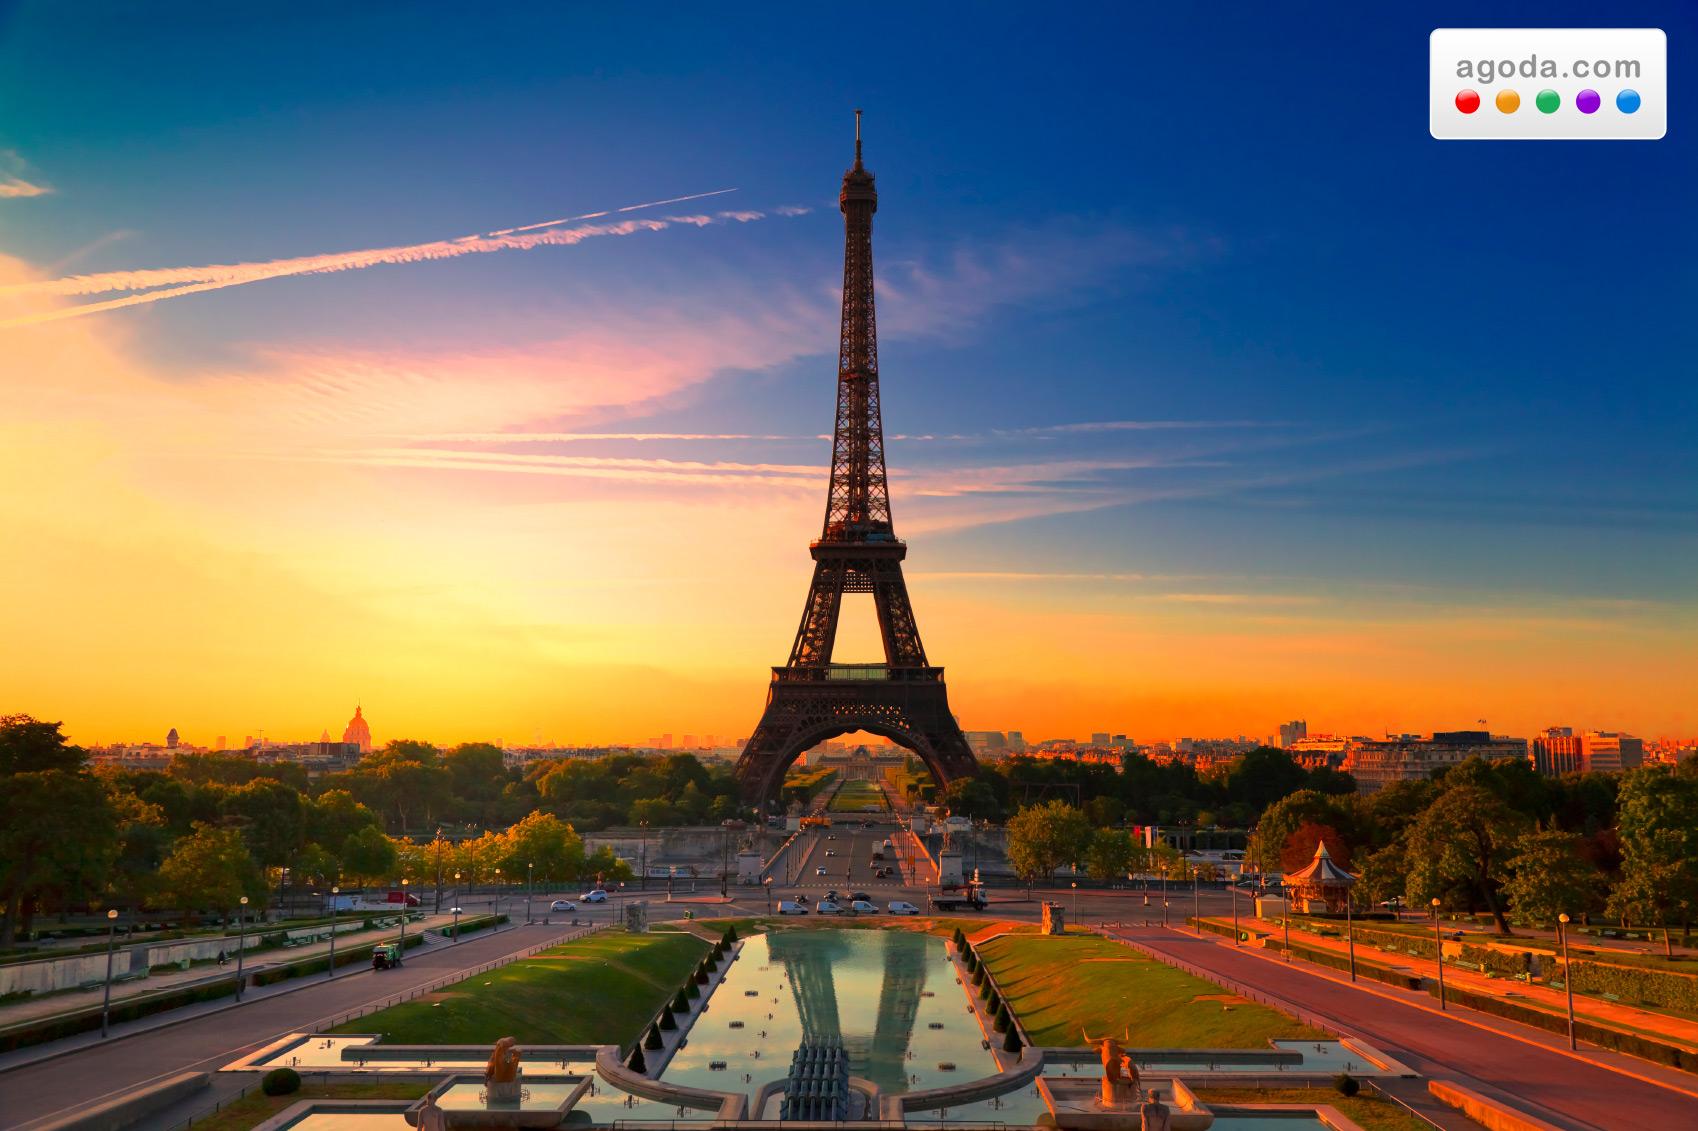 Agoda.comが夏のパリ家族旅行にぴったりのホテルをご紹介